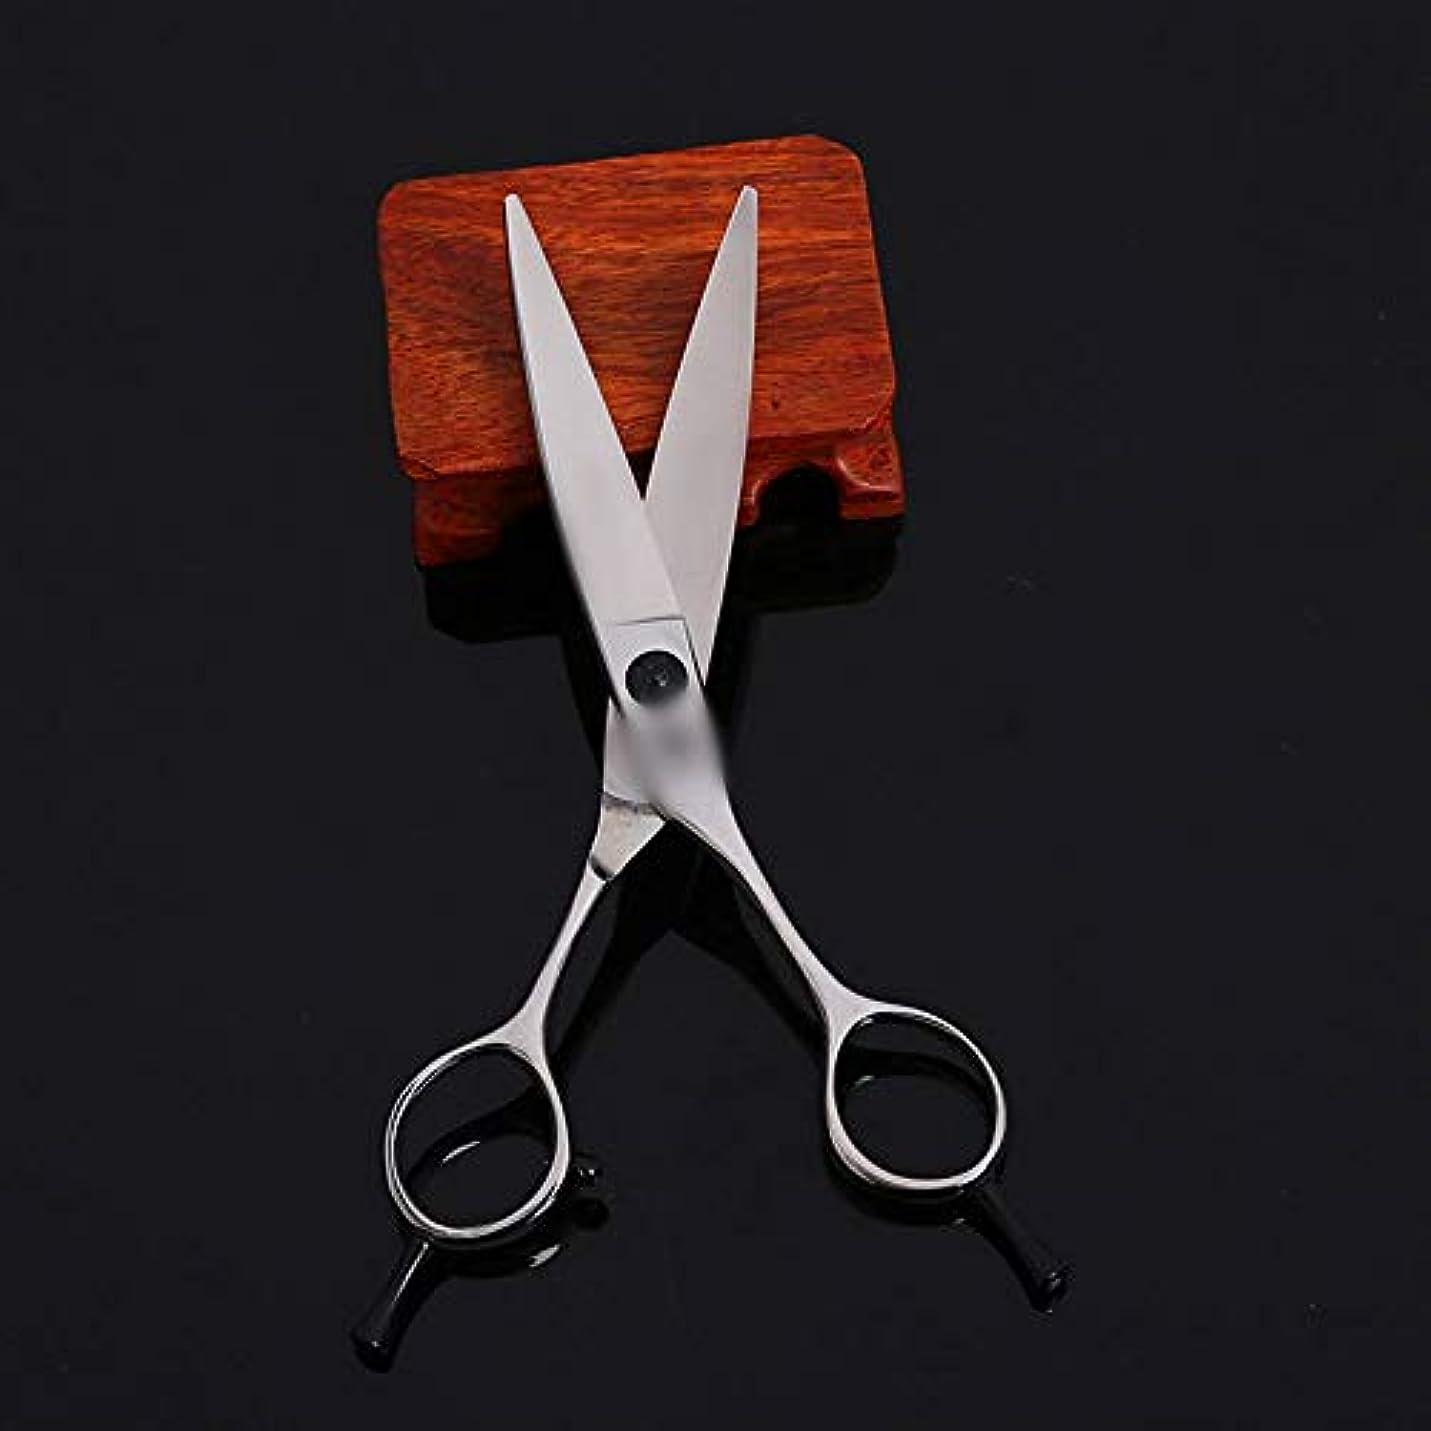 支払う見捨てられたヤングGoodsok-jp 6インチの美容院の専門の美容院の上限の理髪用ツールのカーリングはさみ (色 : Silver)